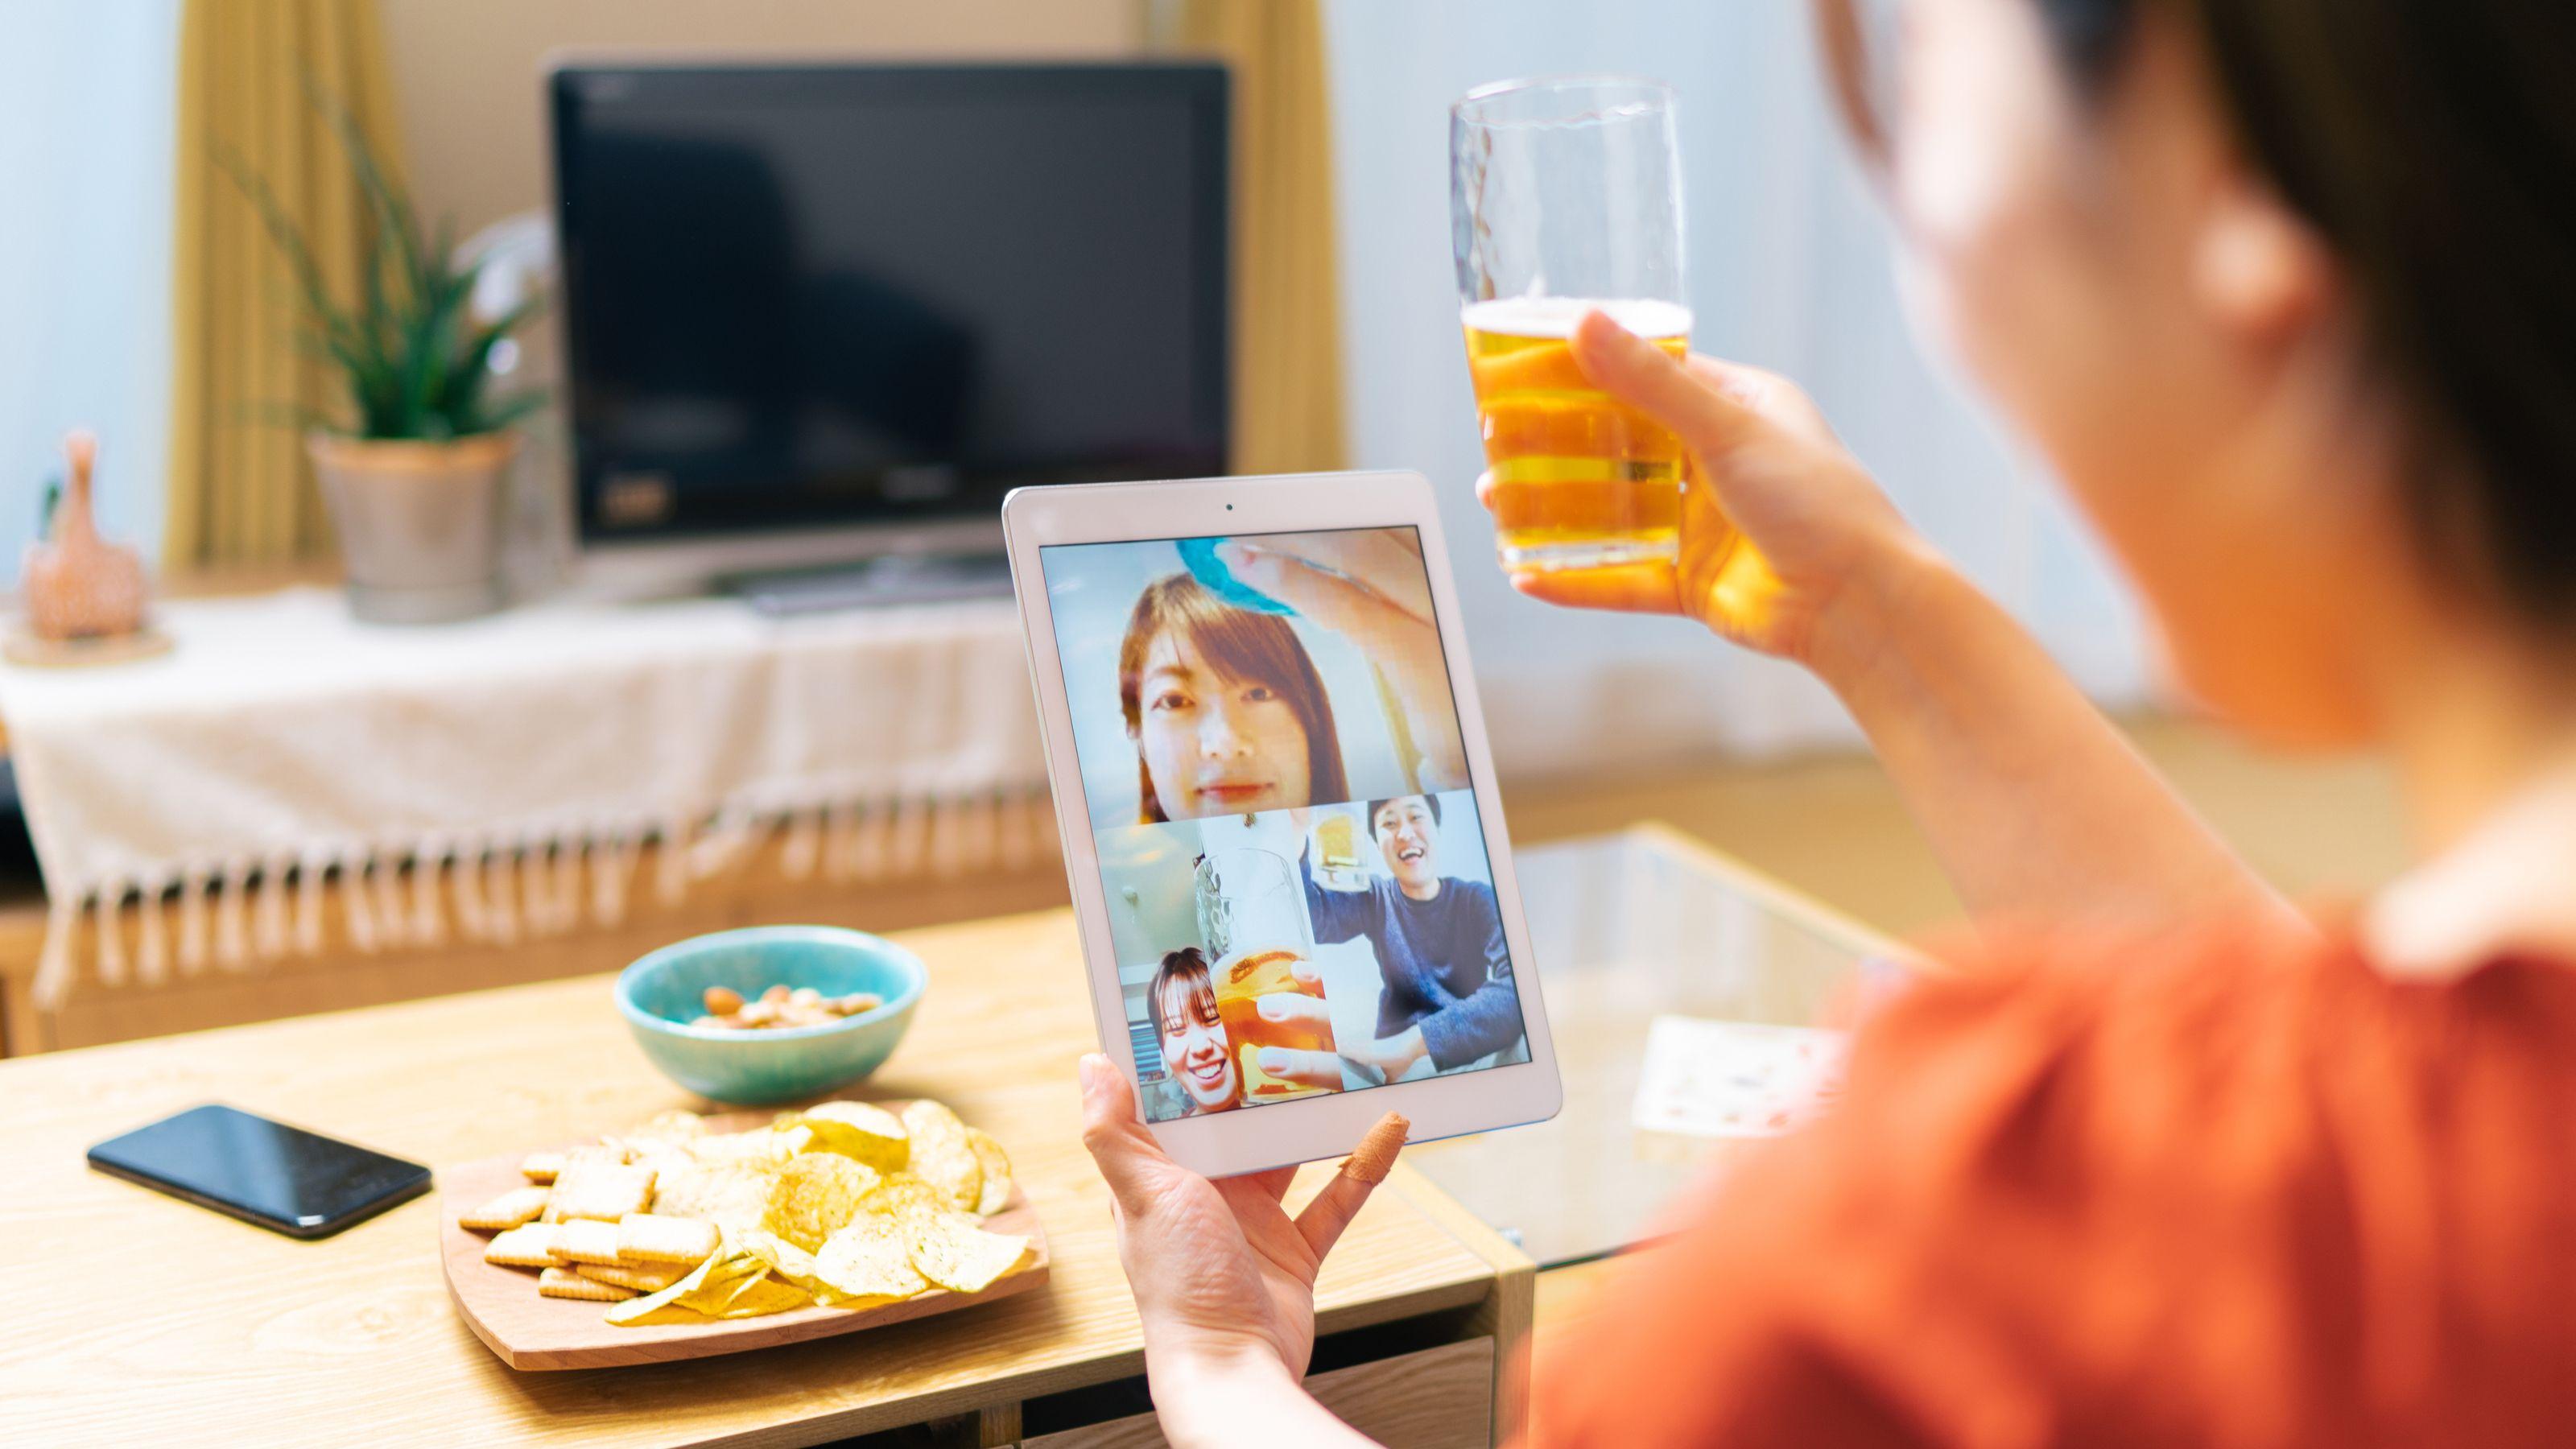 オンライン時代、直接会わずに「仕事と人生に役立つ人脈」をどうやって築くか – 在宅で会いたい人とつながれるテク